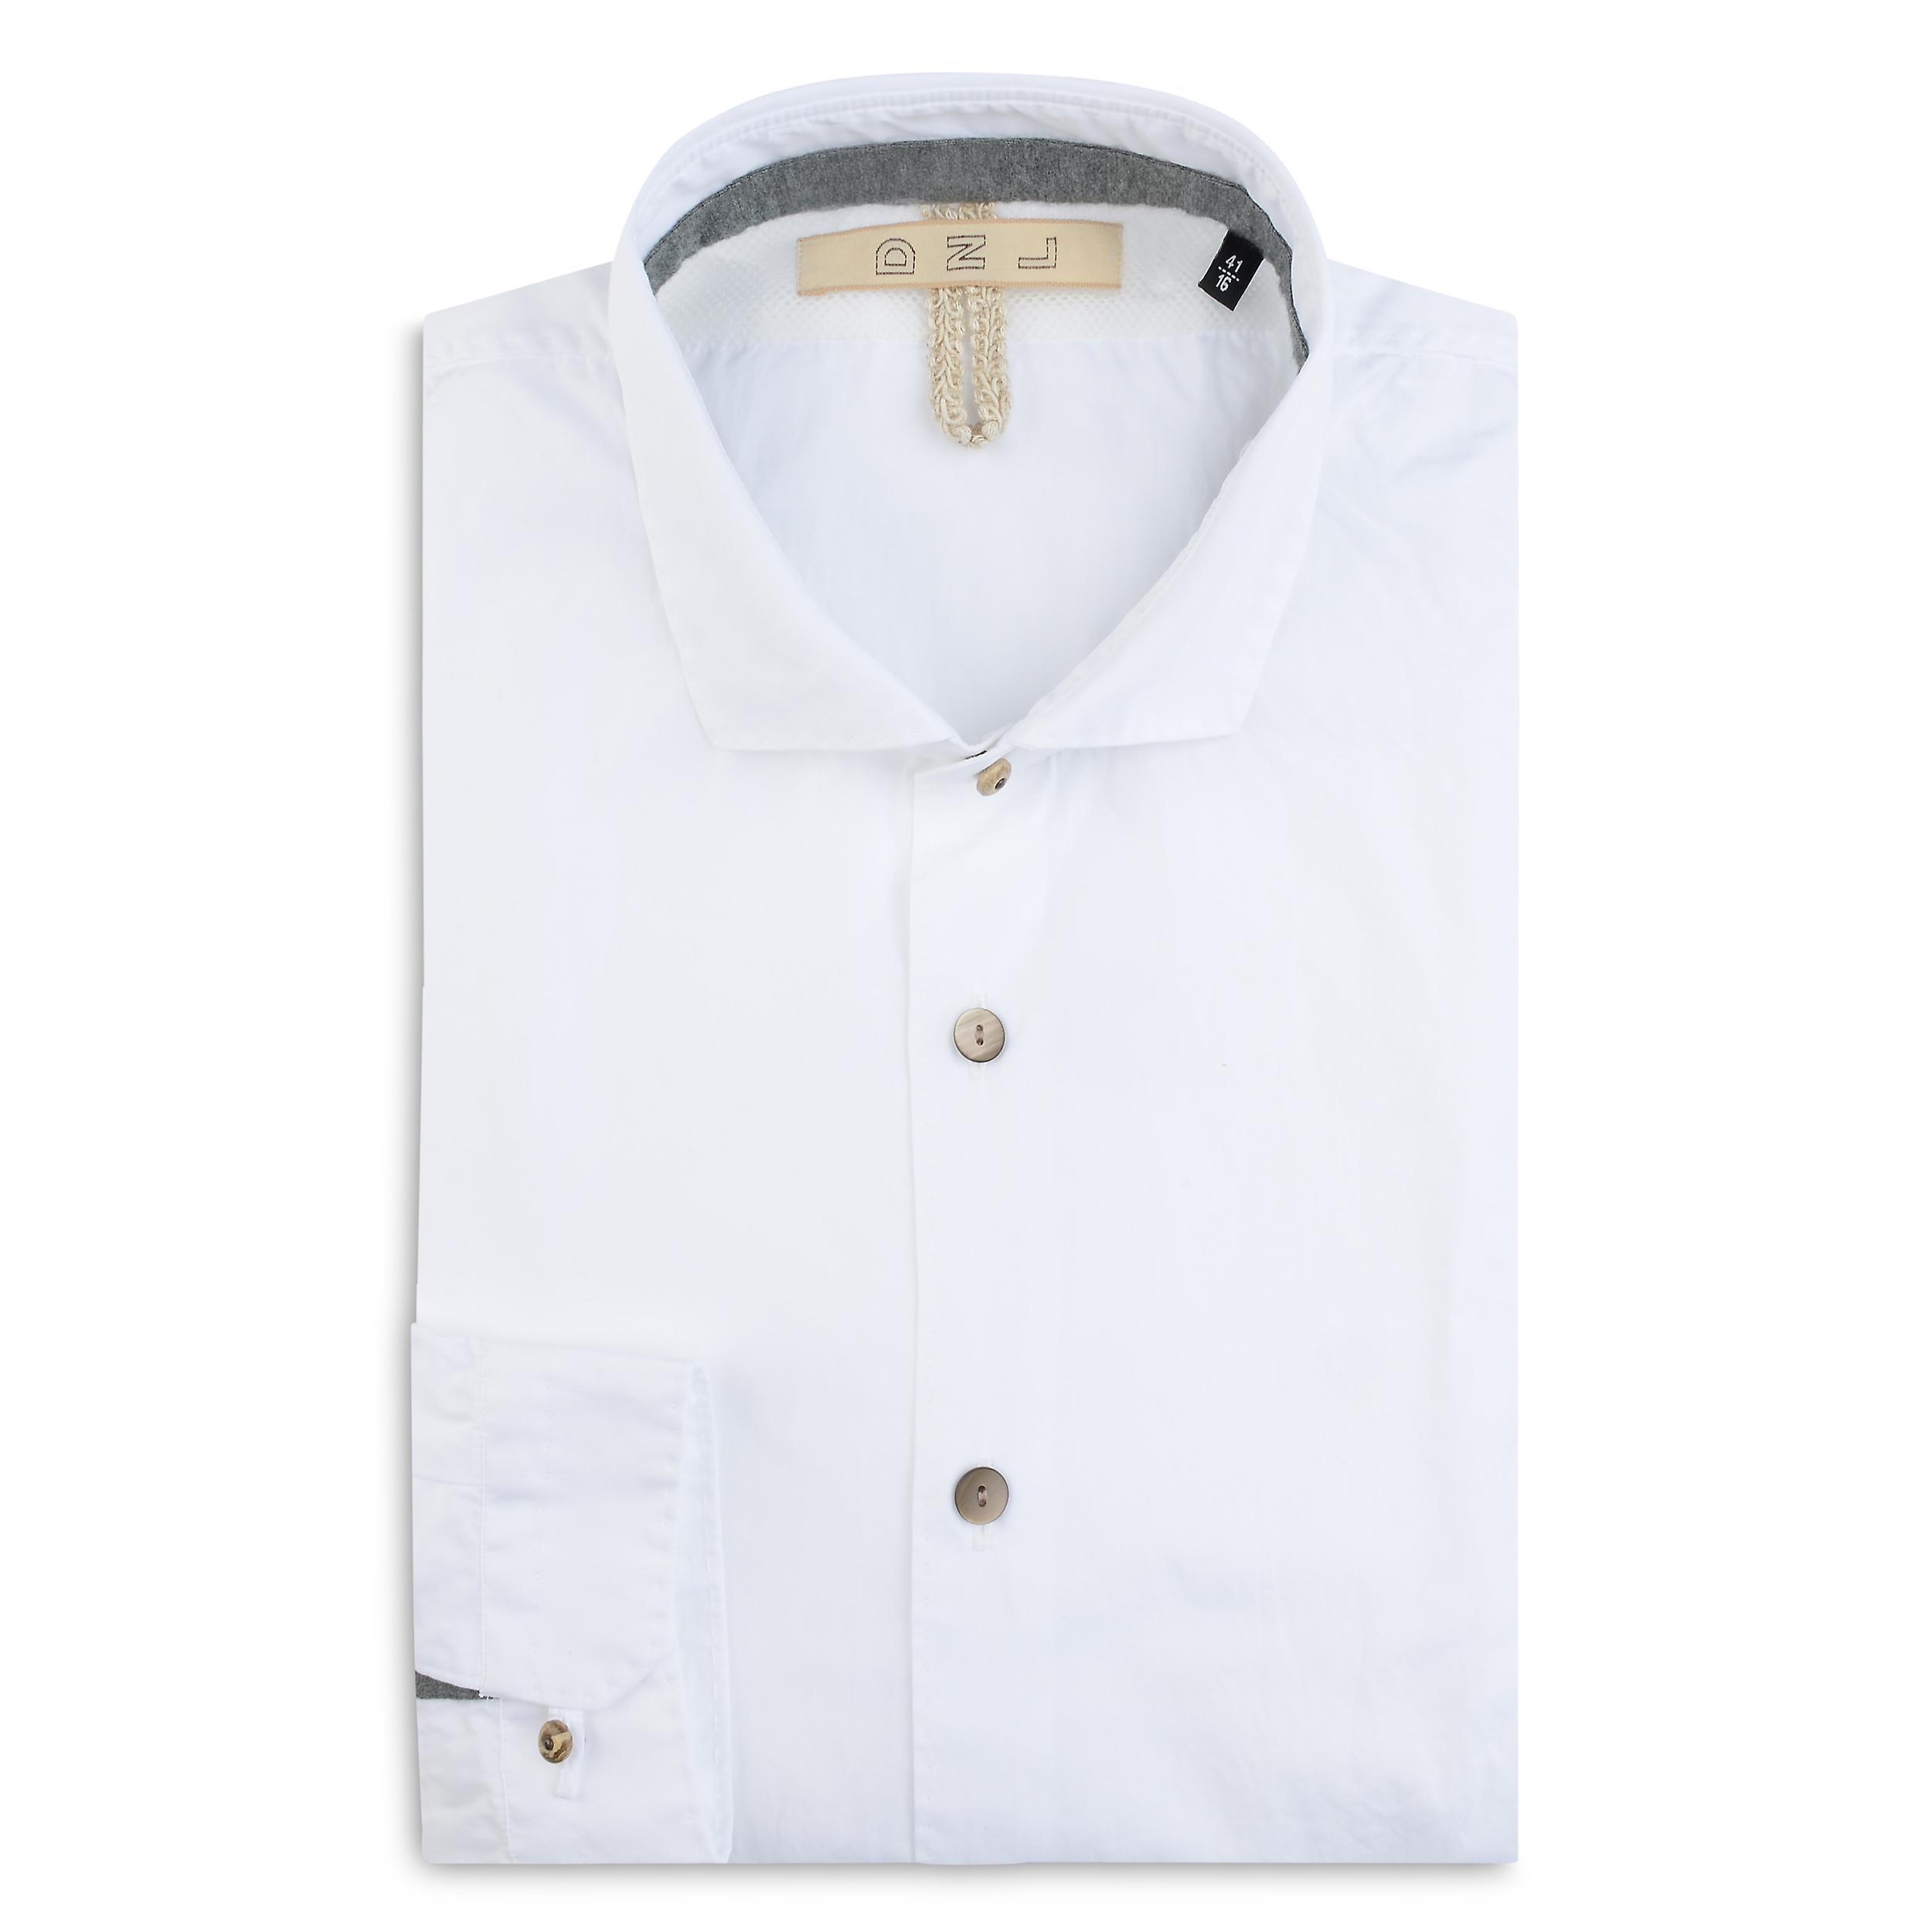 Fabio Giovanni Siponti Shirt - Mens High Quality Classic White Italian Shirt